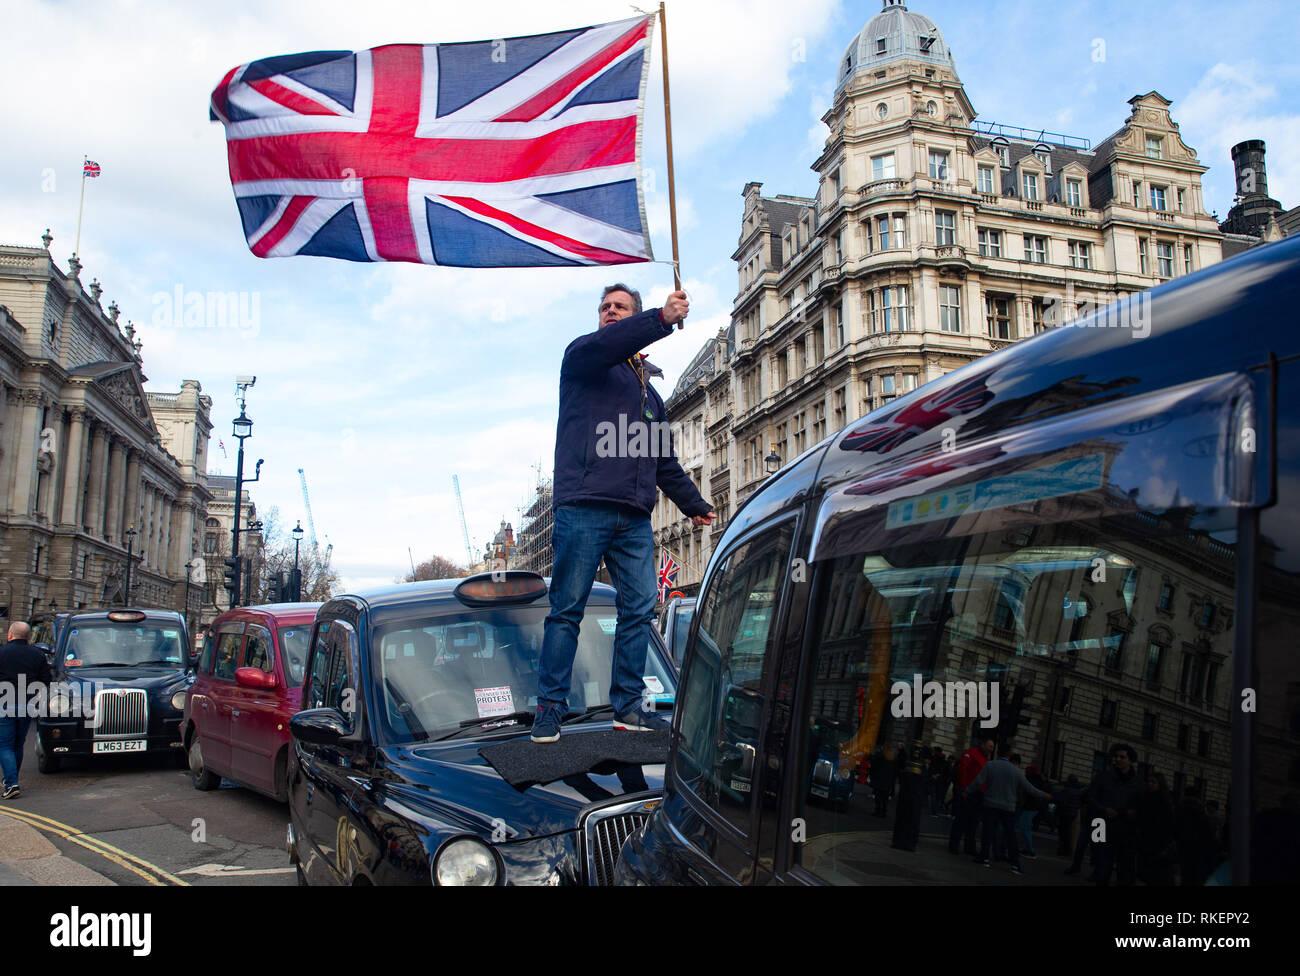 Londres, Royaume-Uni. Feb 11, 2019. Les chauffeurs de taxi sous licence bloquer la place du Parlement, Whitehall et les rues avoisinantes. Ils ont amené la région autour de Westminster à l'arrêt.Ils s'insurgent contre le maire de Londres et SML qui ont leur a refusé l'accès à la Banque, Tottenham Court Road, Tooley Street, Greenwich, Lewisham, Islington et Hackney. Ils affirment que le maire de Londres et CFF sont l'ingénierie la destruction de la profession de taxi sous licence par la fermeture de rues pour eux. Credit: Tommy Londres/Alamy Live News Photo Stock